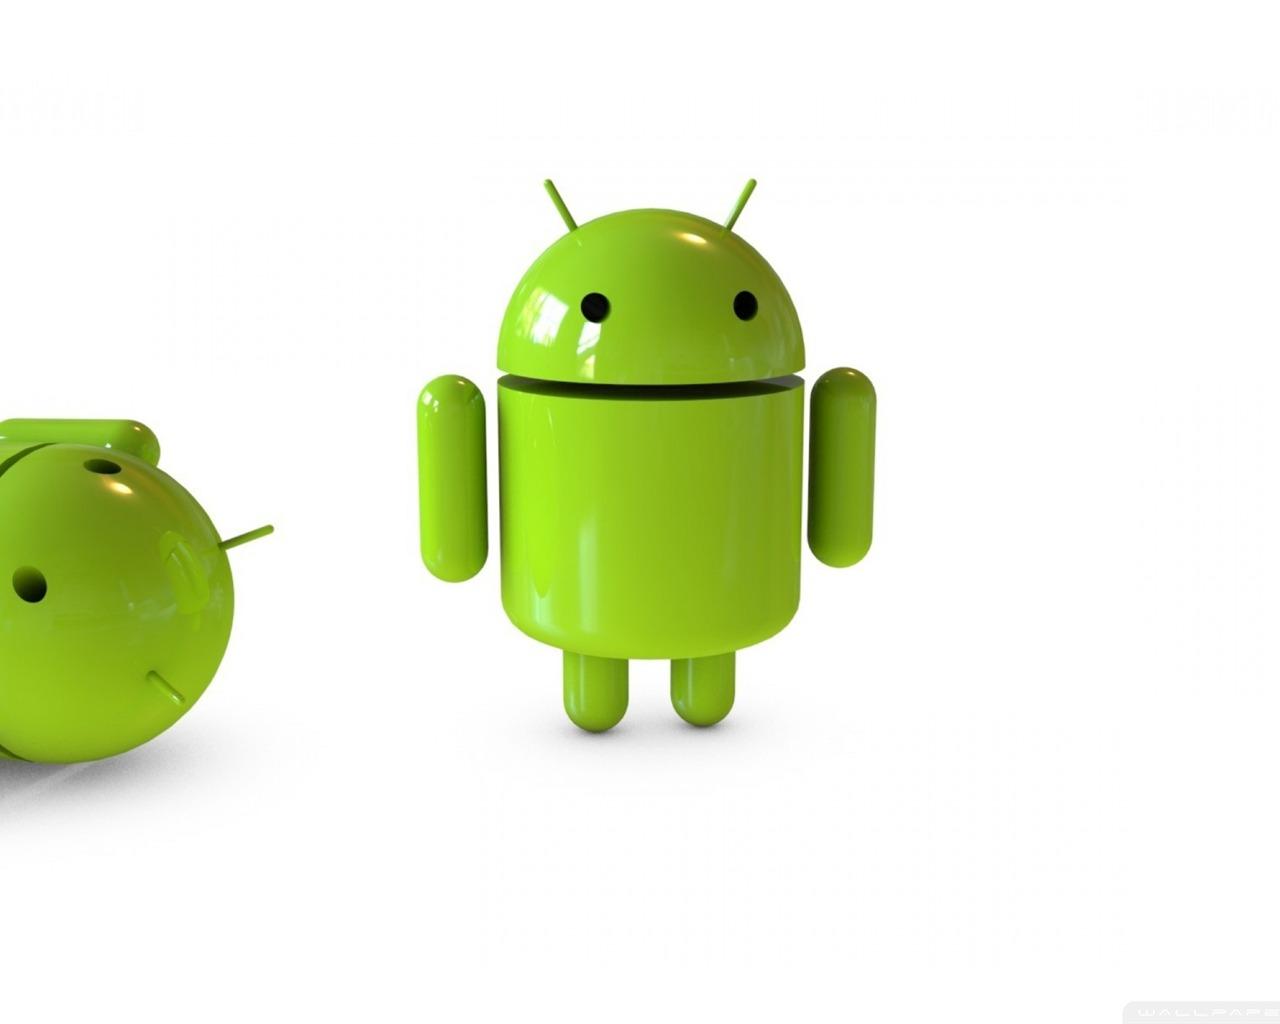 Android Logo Wallpaper - WallpaperSafari